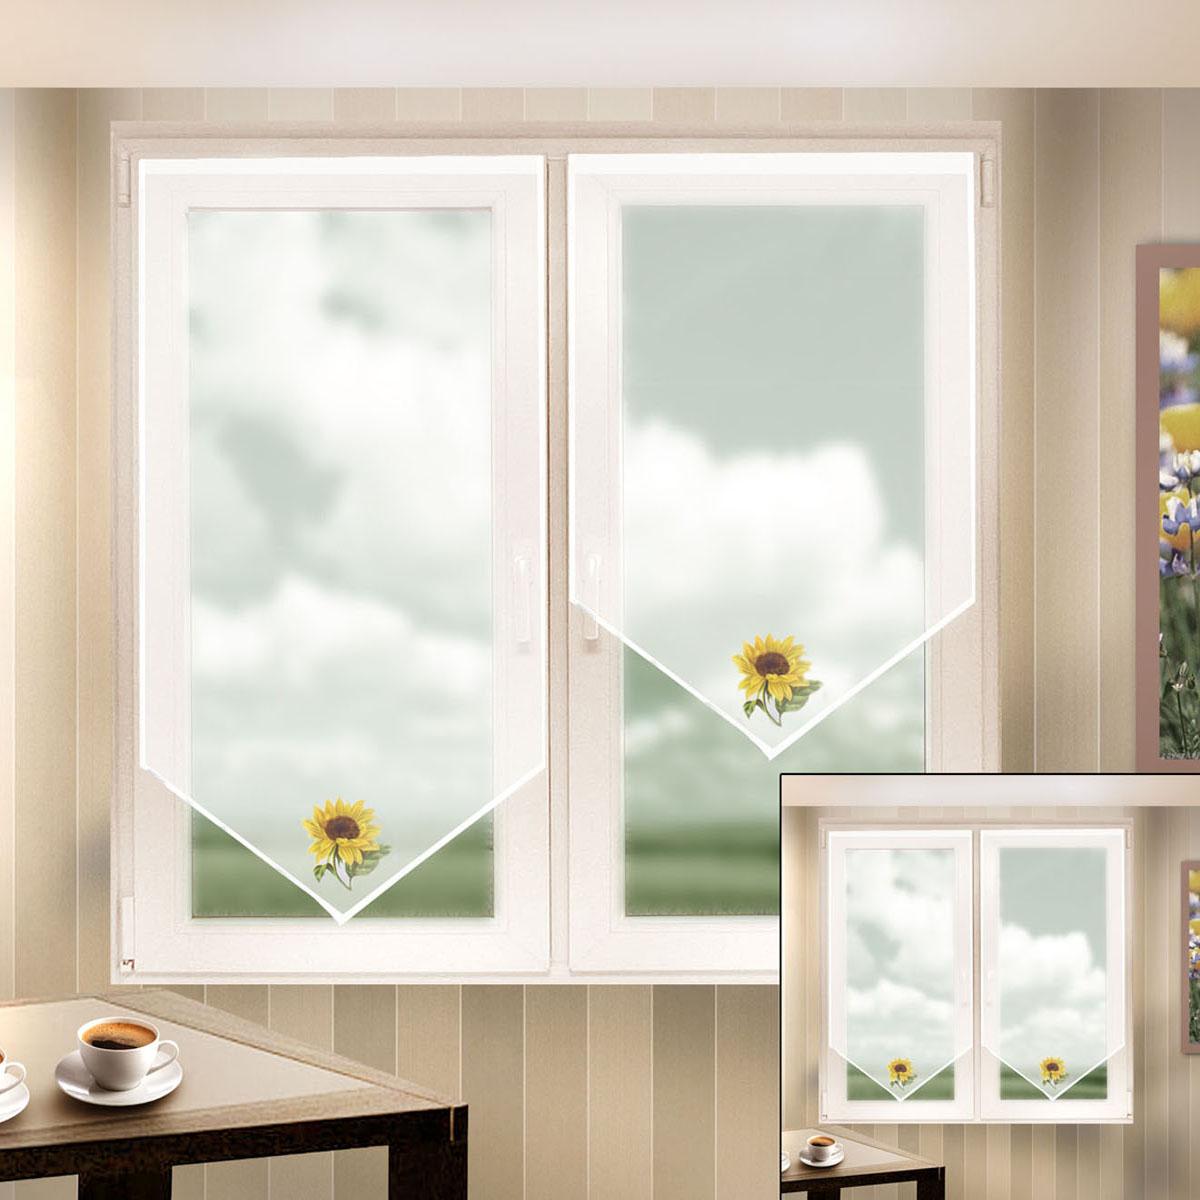 Гардина Zlata Korunka, на липкой ленте, цвет: белый, высота 120 см. 666050-1666050-1Гардина на липкой ленте Zlata Korunka, изготовленная из легкого полиэстера, станет великолепным украшением любого окна. Полотно из белой вуали с печатным рисунком привлечет к себе внимание и органично впишется в интерьер комнаты. Крепление на липкой ленте, не требующее сверления стен и карниза. Многоразовое и мгновенное крепление.